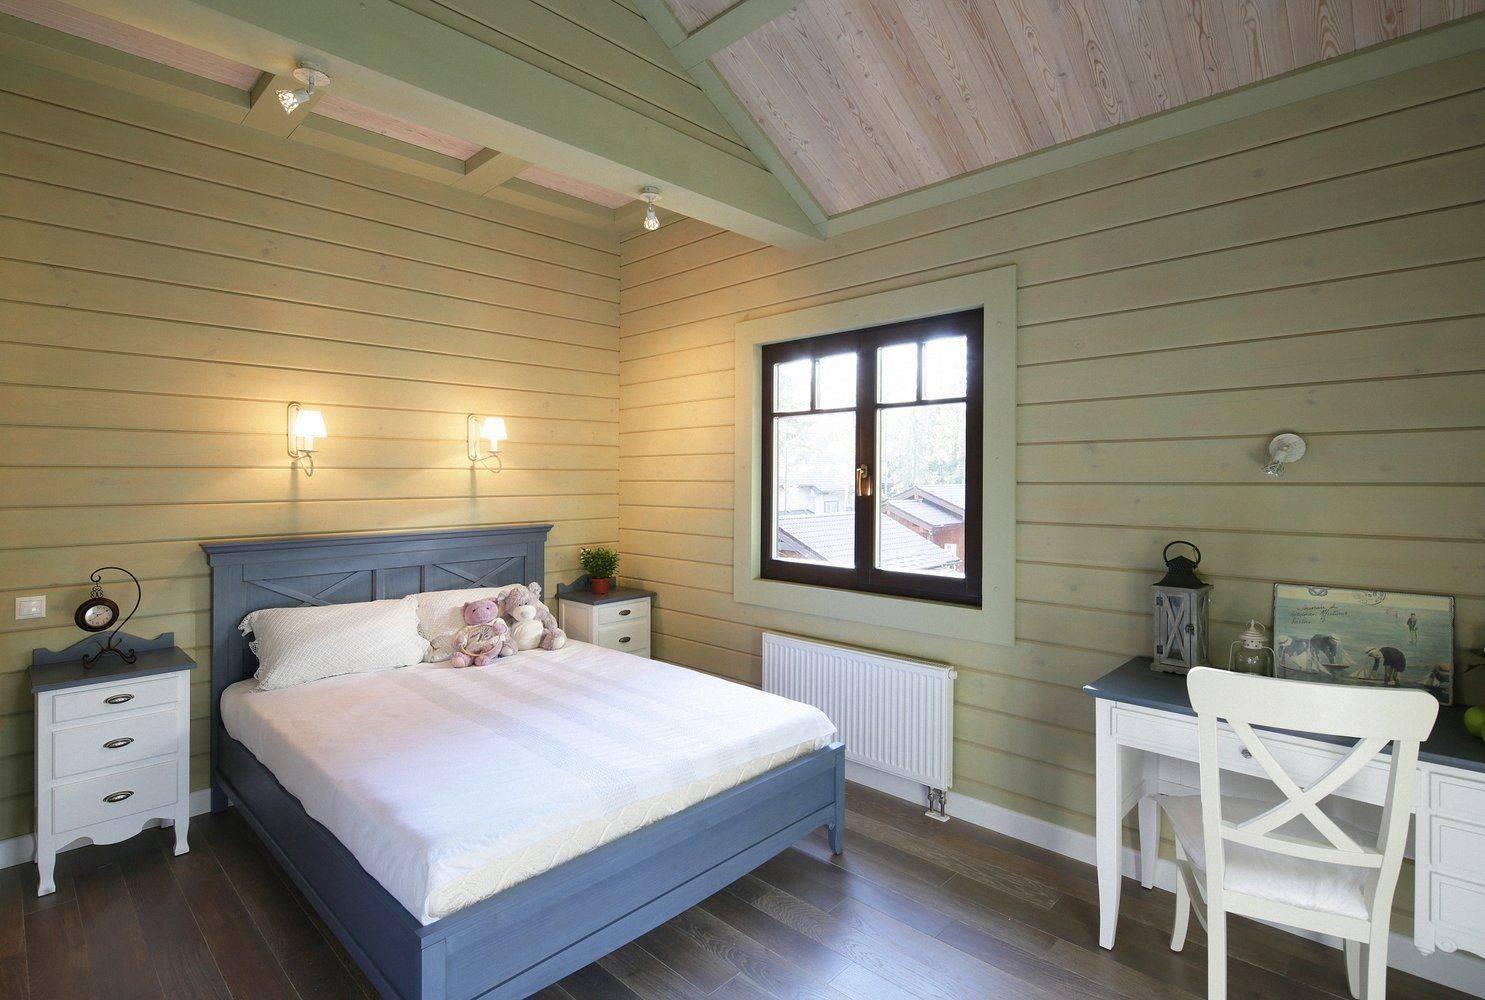 Чем покрасить деревянный дом внутри: советы по выбору лакокрасочных покрытий